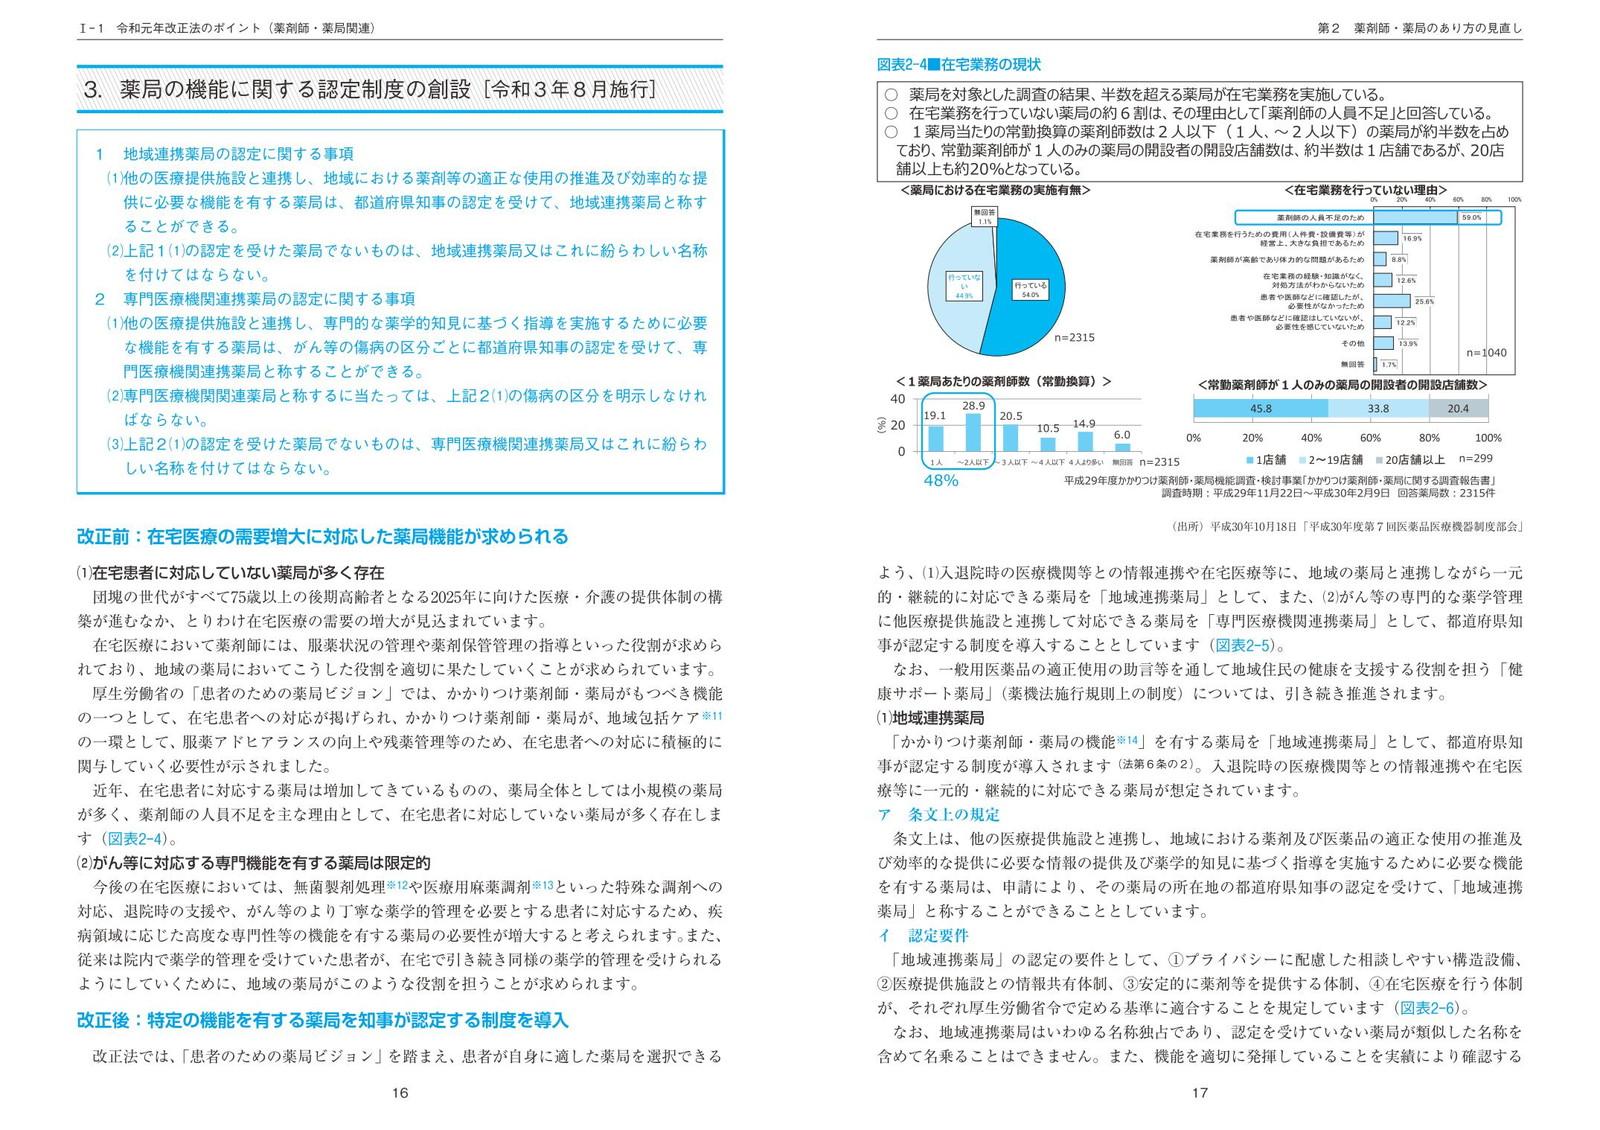 薬局スタッフのための改正薬機法ガイド 令和2年9月版